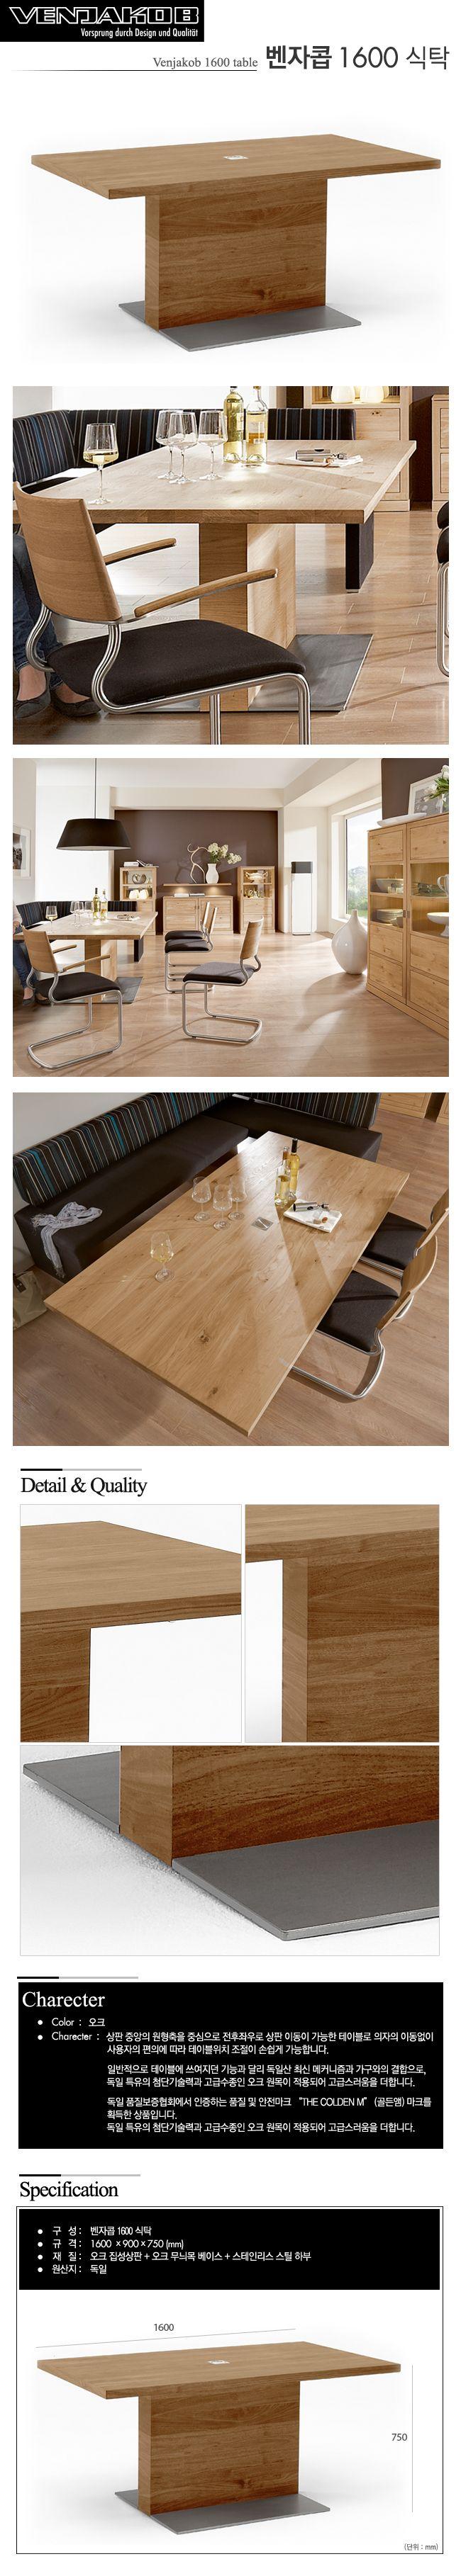 die besten 25 venjakob esstisch ideen auf pinterest speisezimmereinrichtung hof und. Black Bedroom Furniture Sets. Home Design Ideas